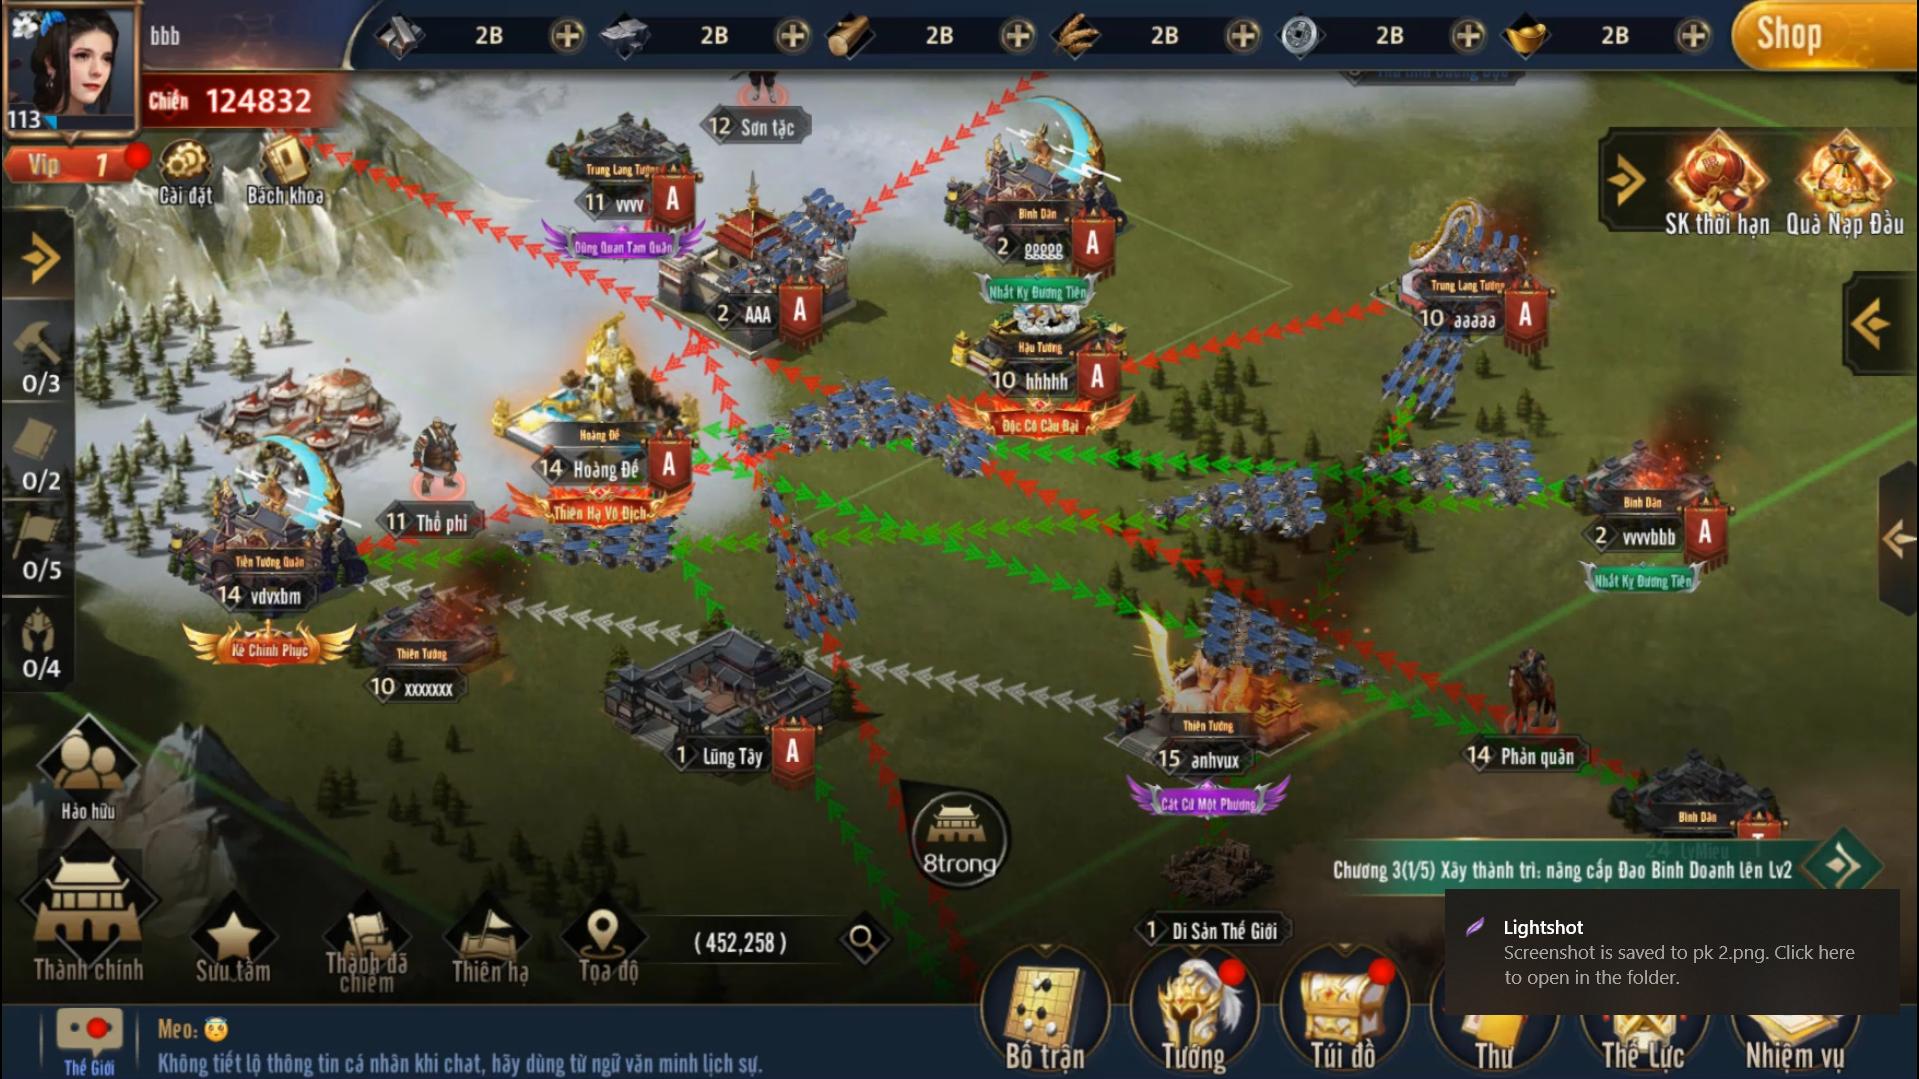 Tam Quốc Liên Minh tổ chức giải đấu Hoàng Đế ASEAN, thưởng 100 triệu cho gamer chiến thắng 5